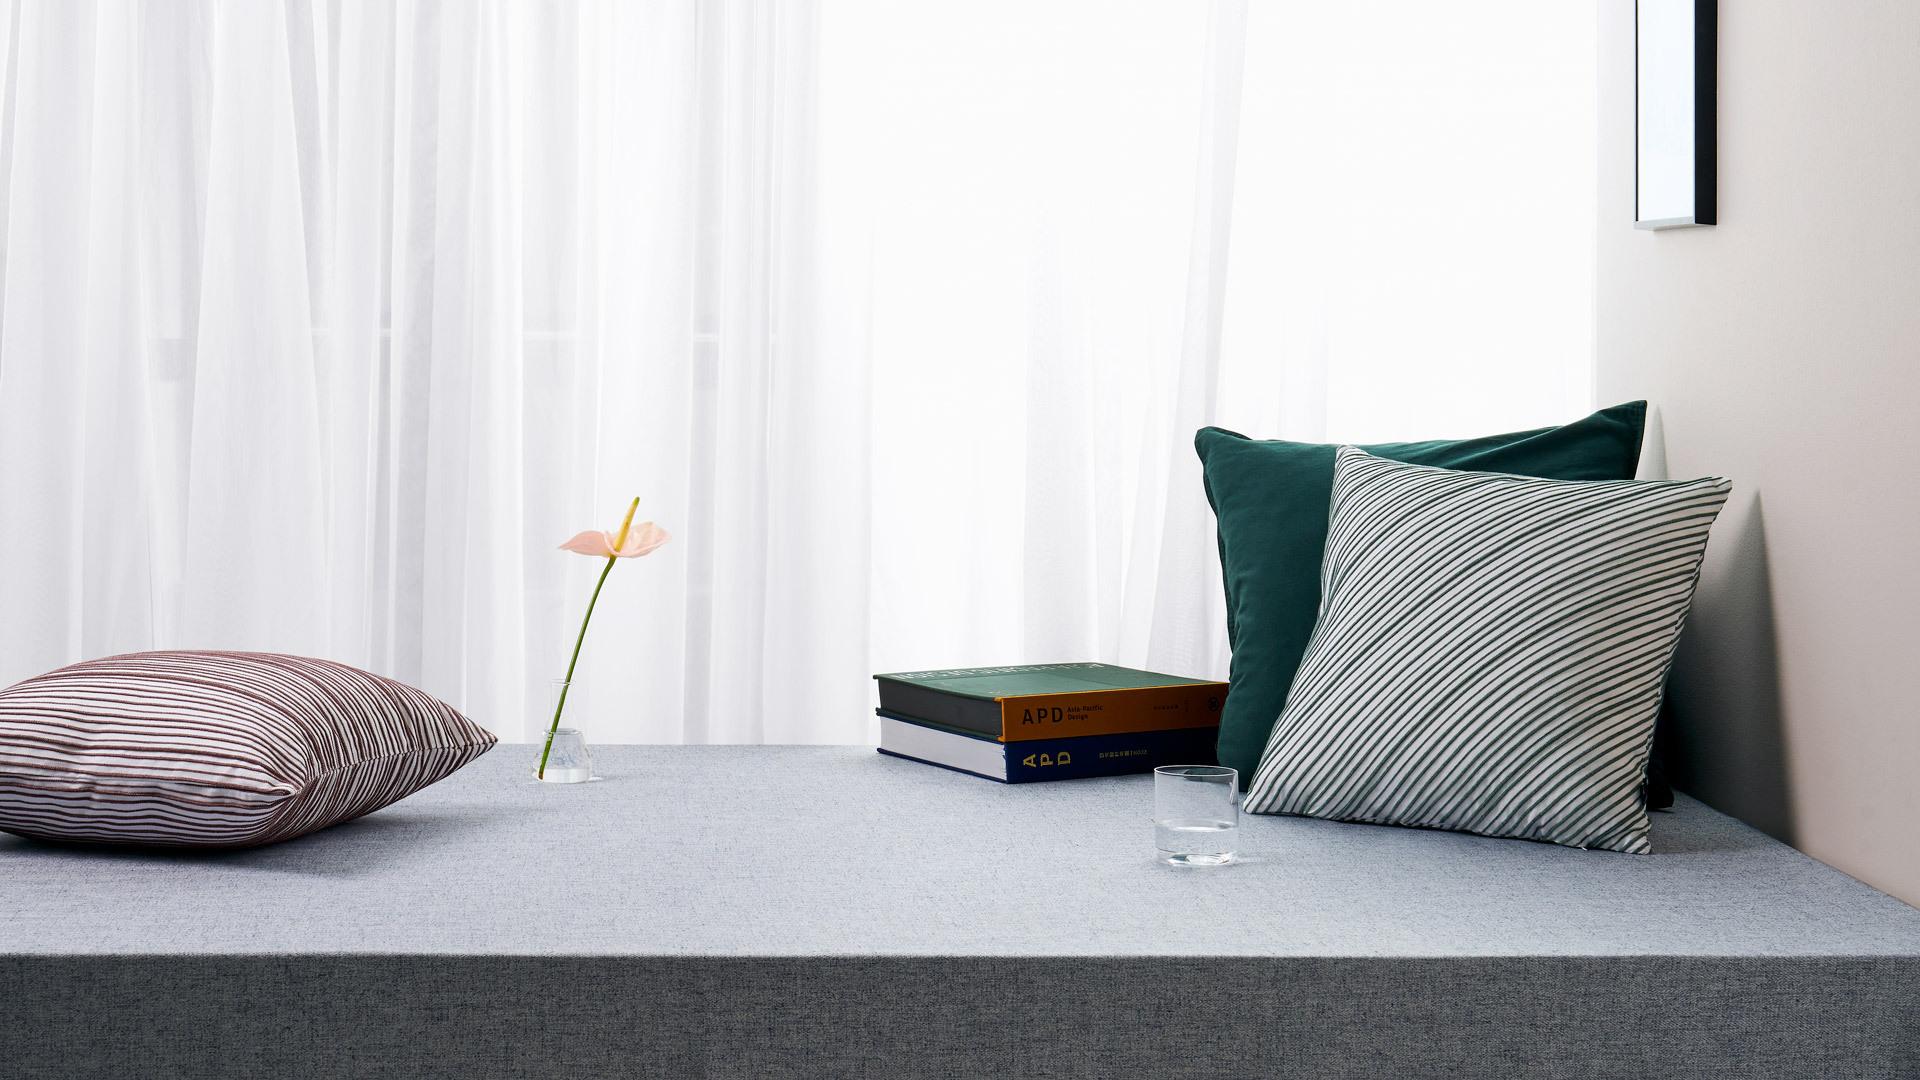 三两抱枕,圈出居室恬然一角